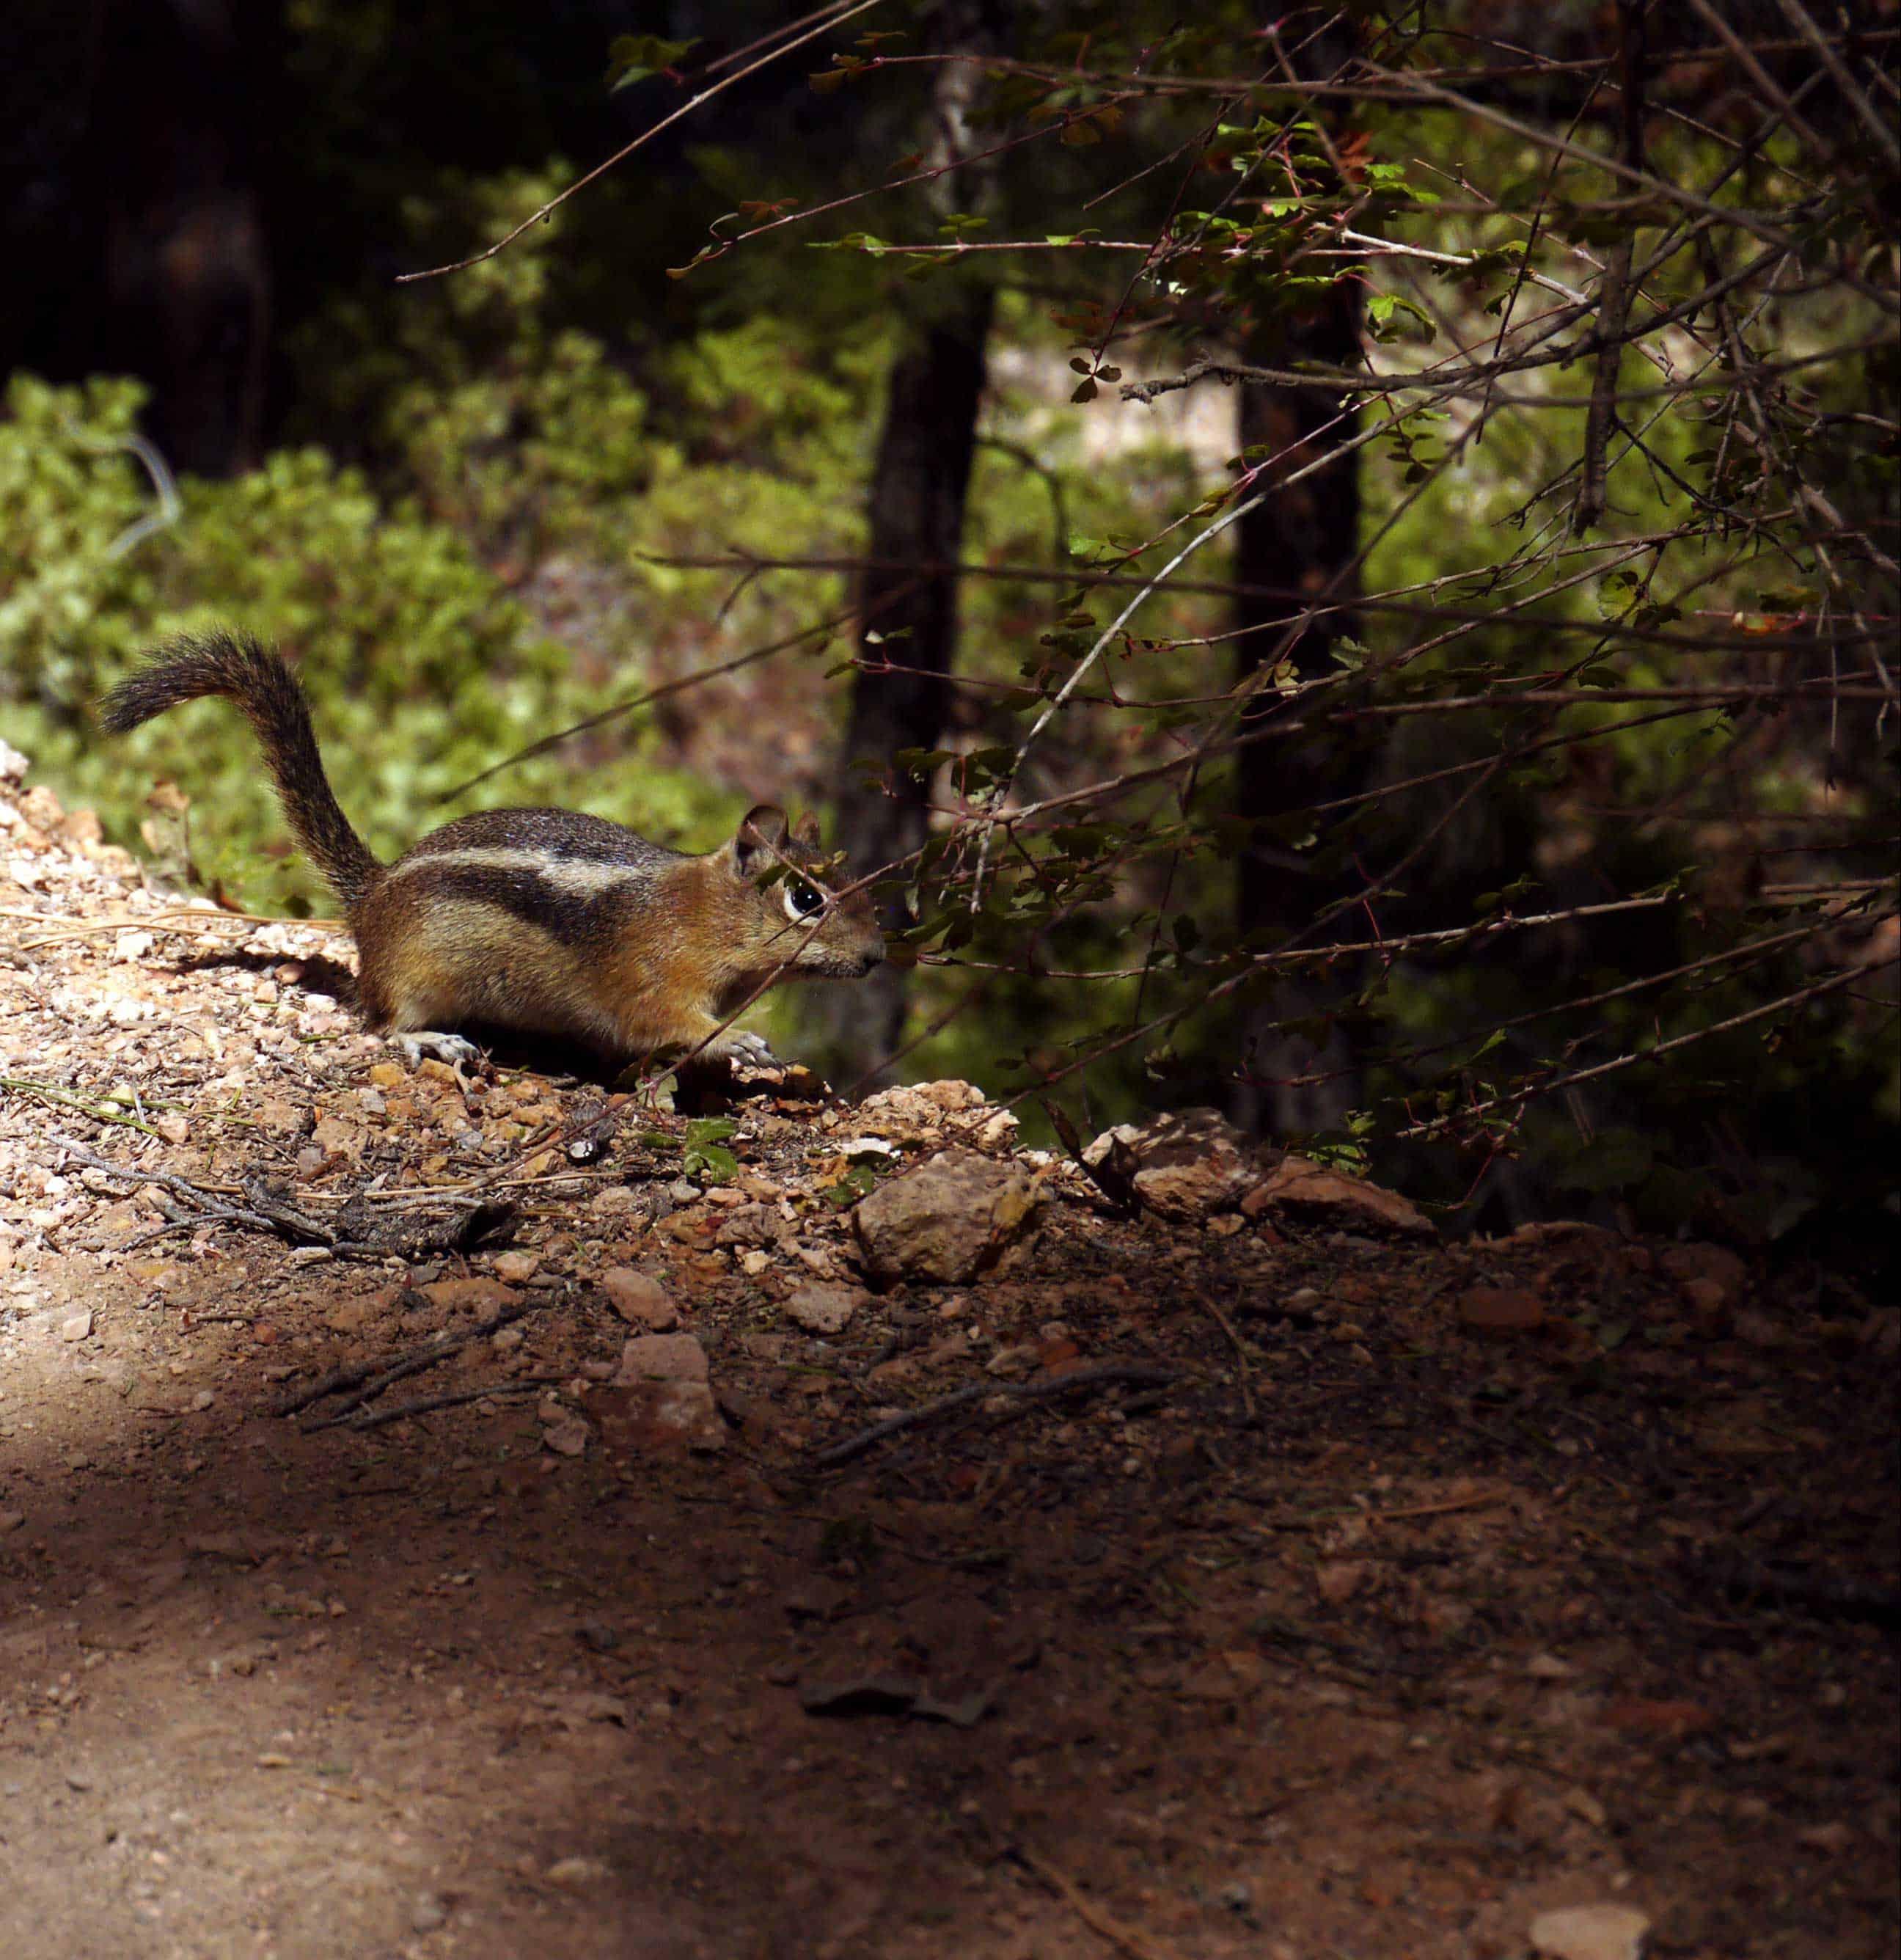 Nagetier im Wald